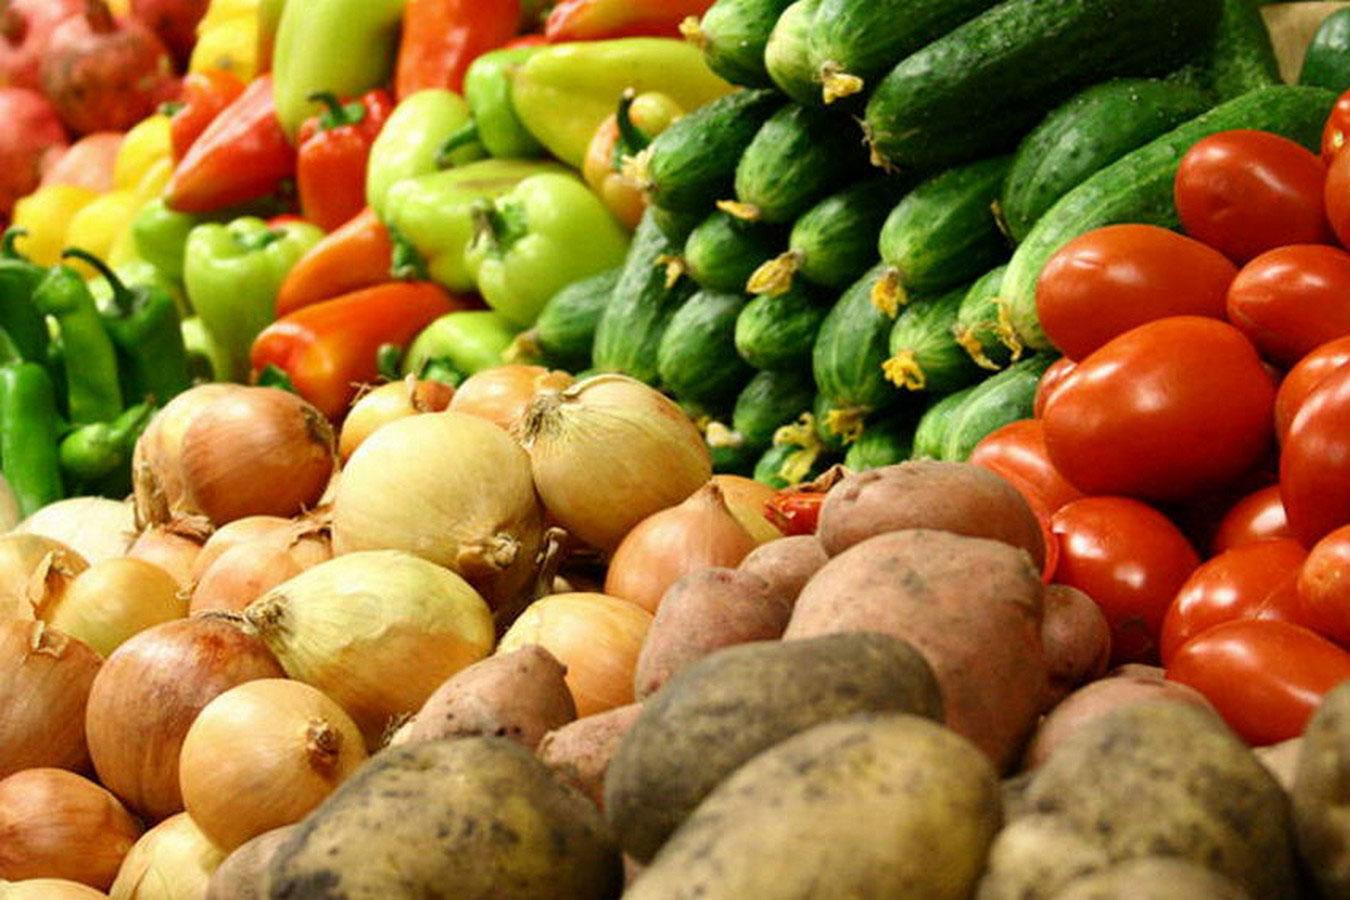 Столько харьковчанам придется платить за овощи